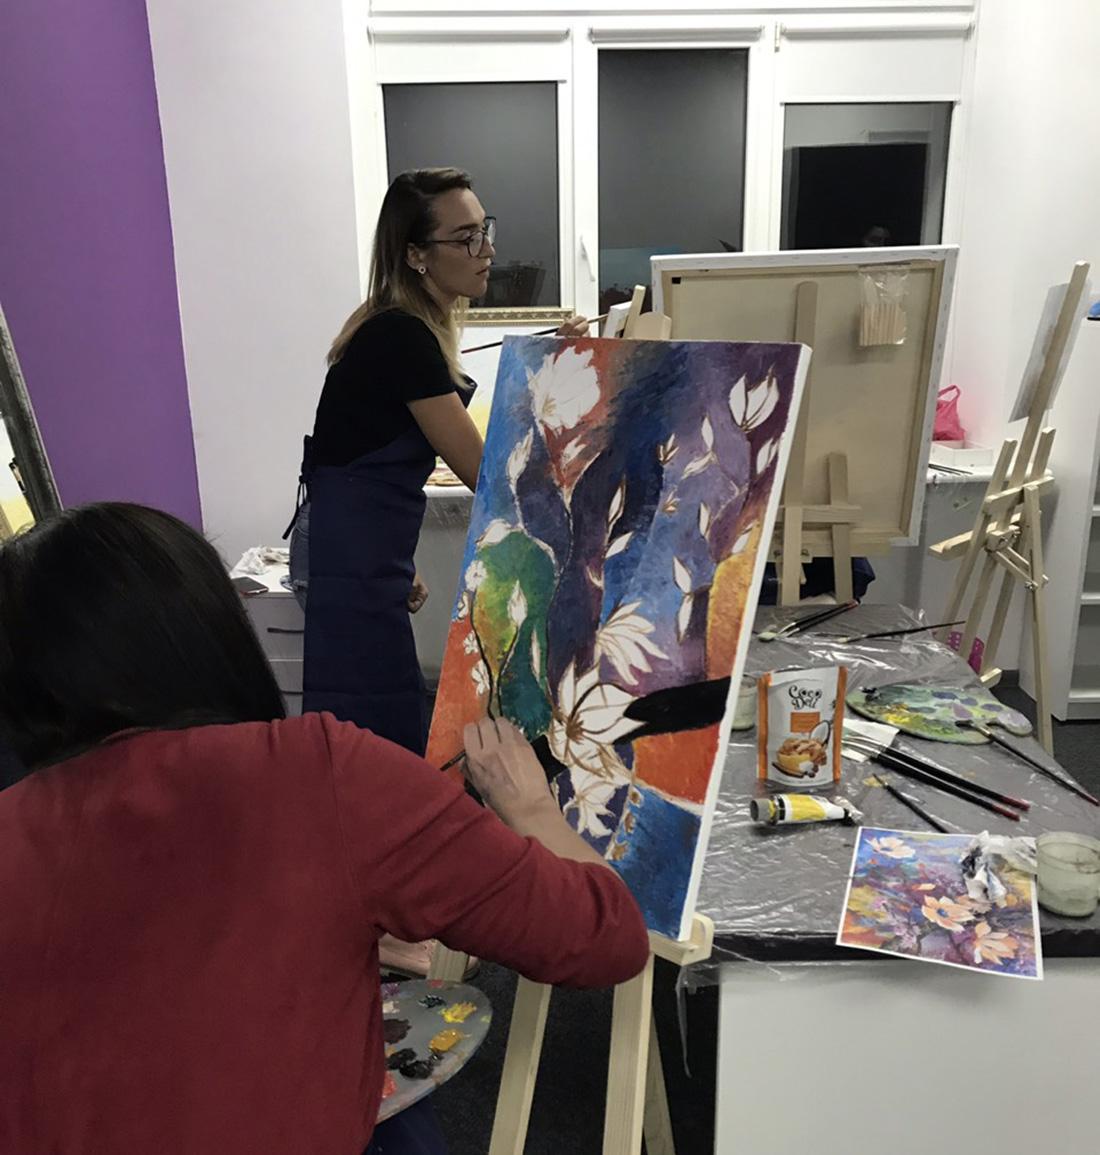 картины с художником на мастер классе